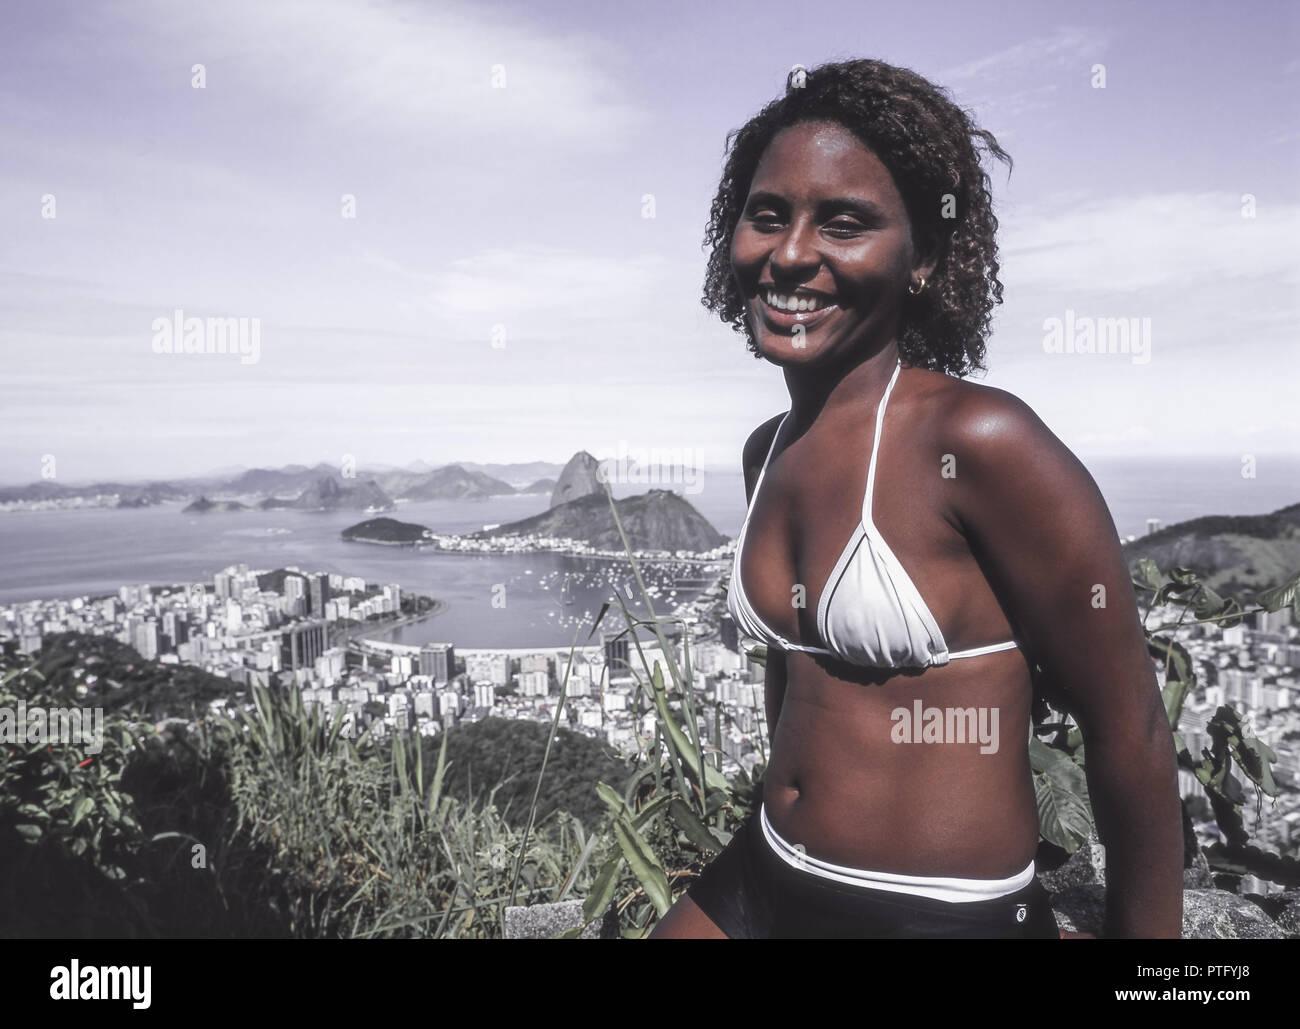 Brasilianerin